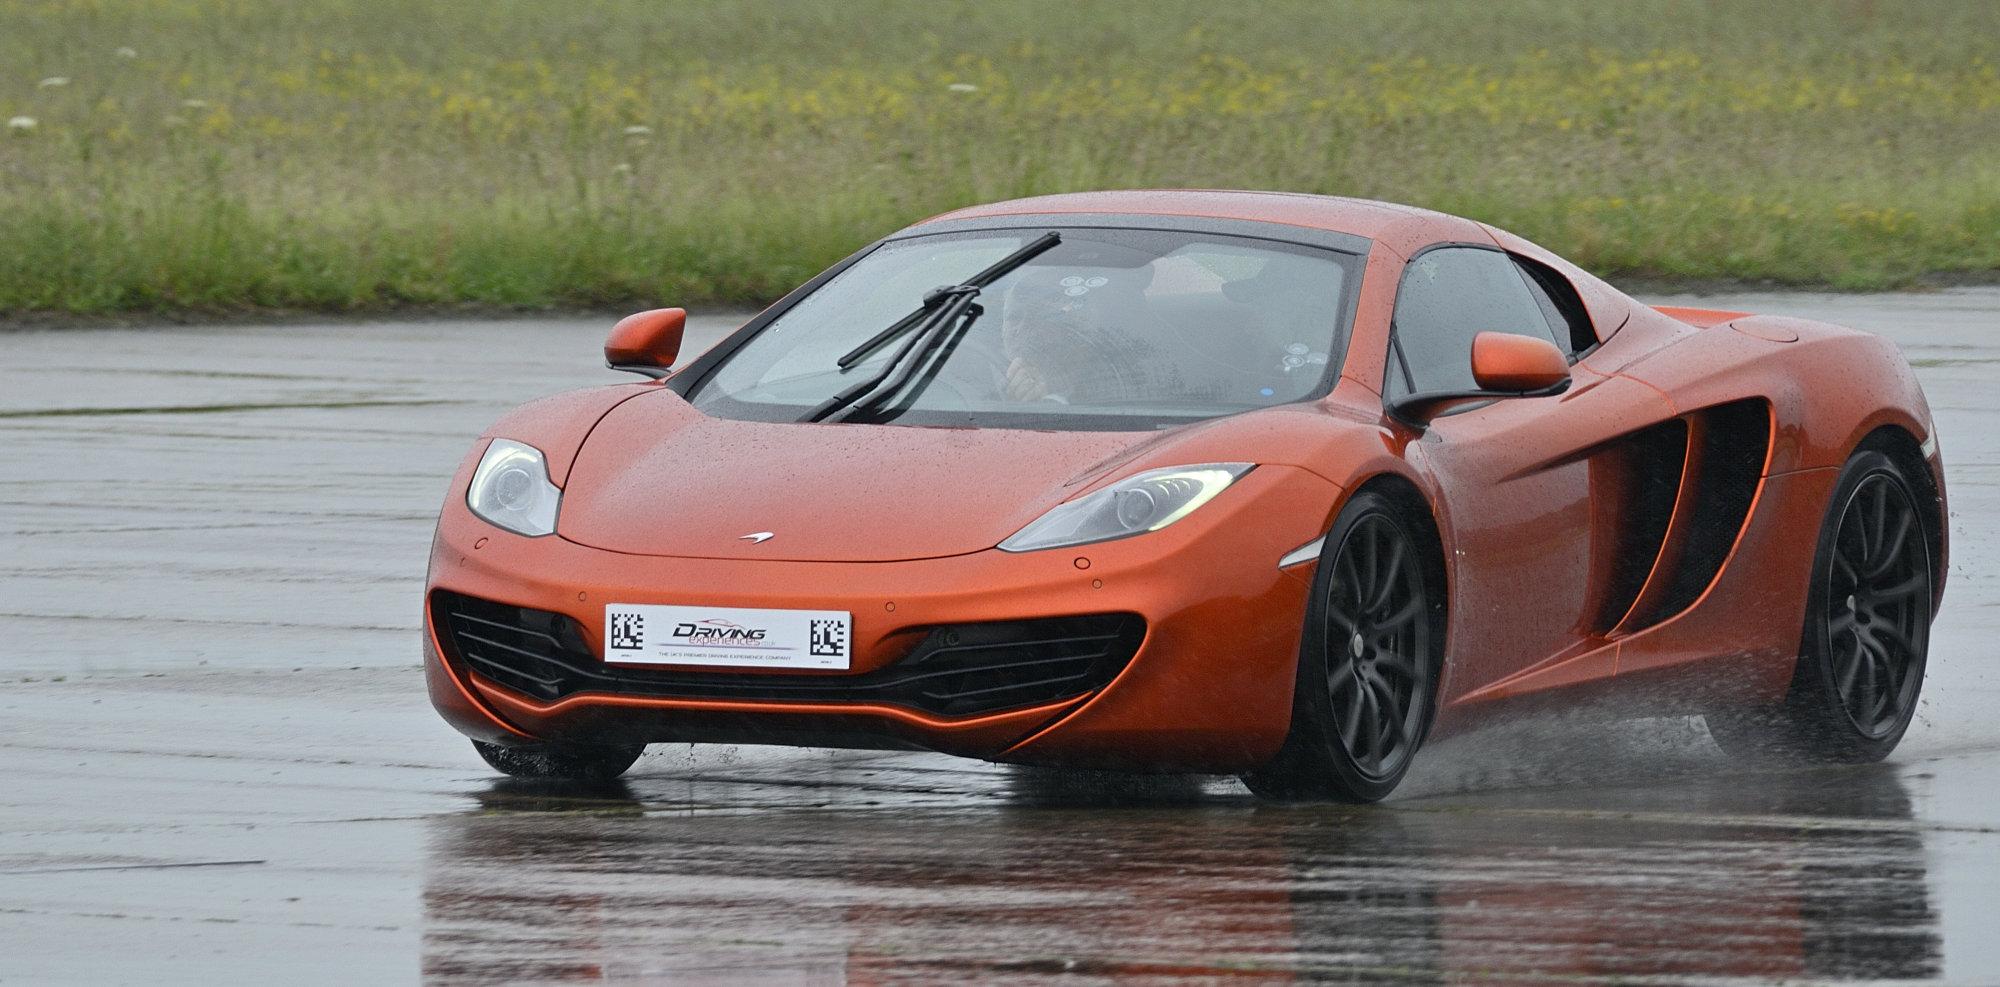 McLaren on a summer's day